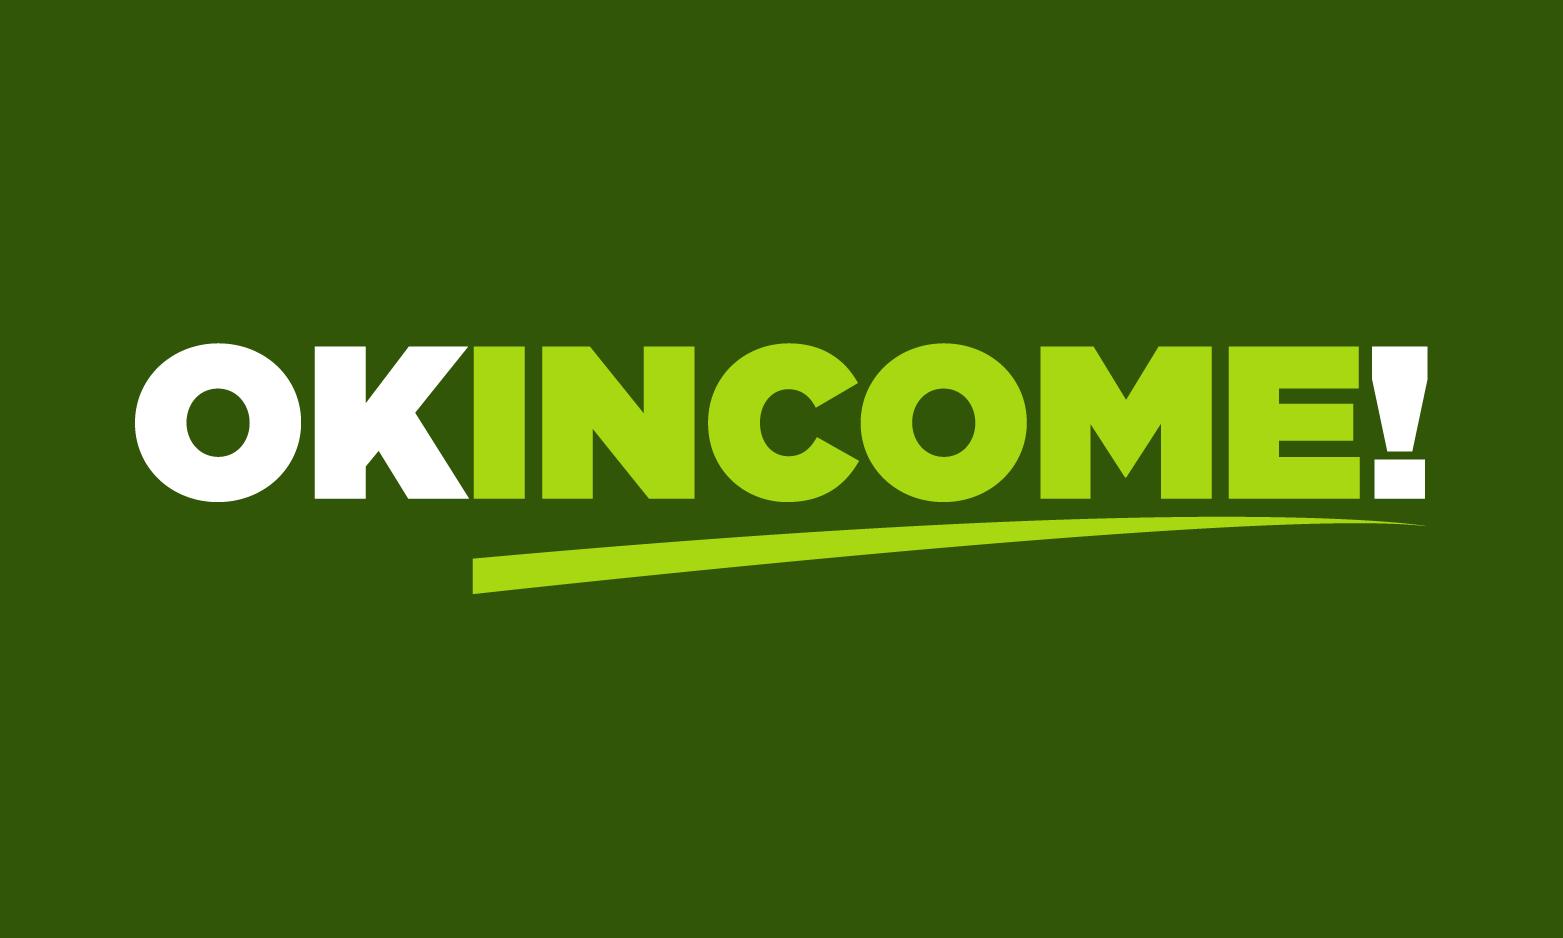 OKIncome.com